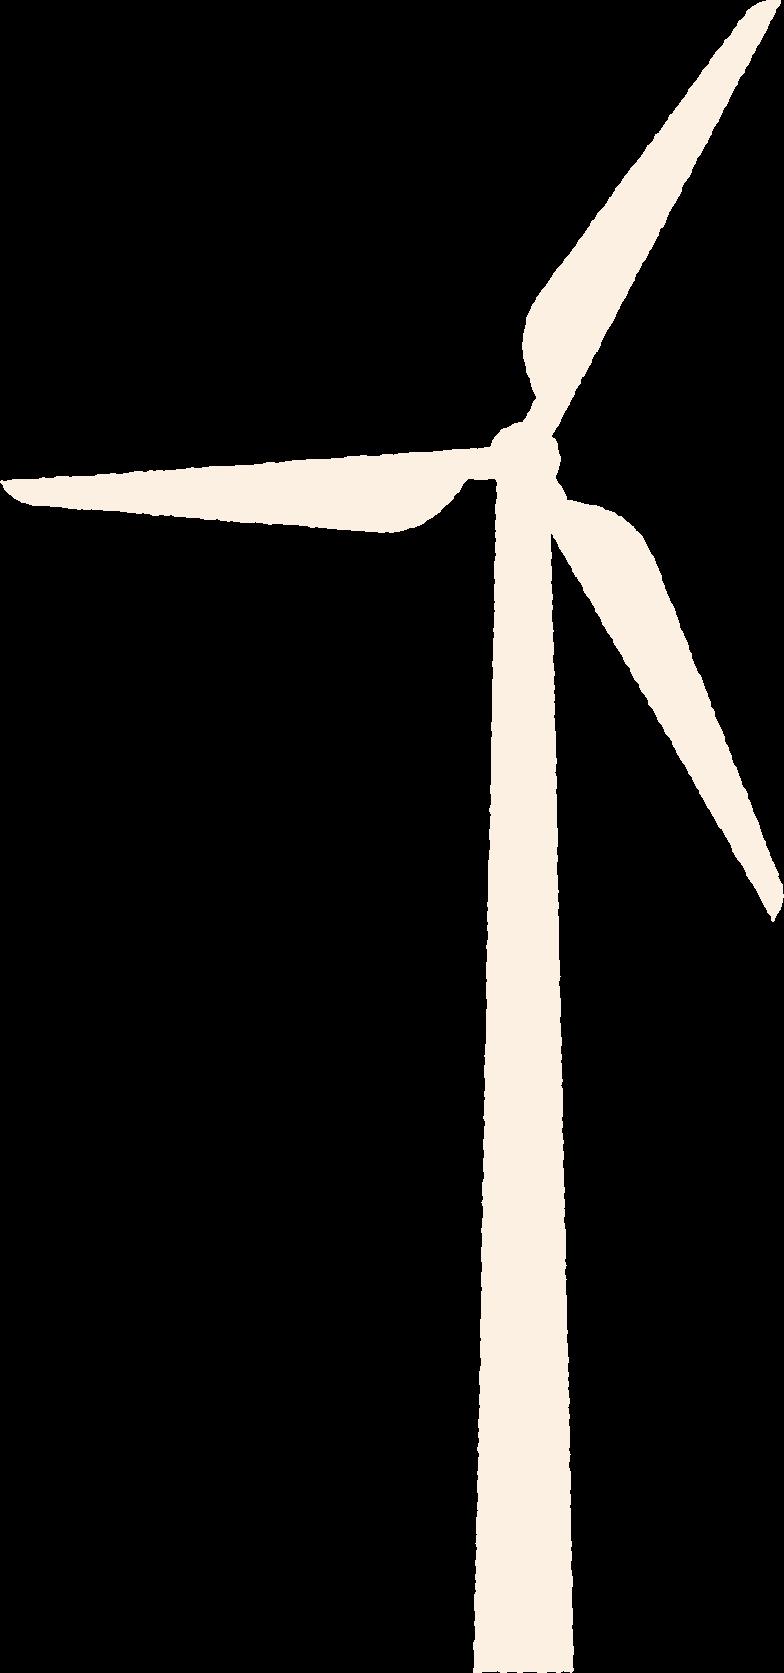 Immagine Vettoriale mulino a vento in PNG e SVG in stile  | Illustrazioni Icons8